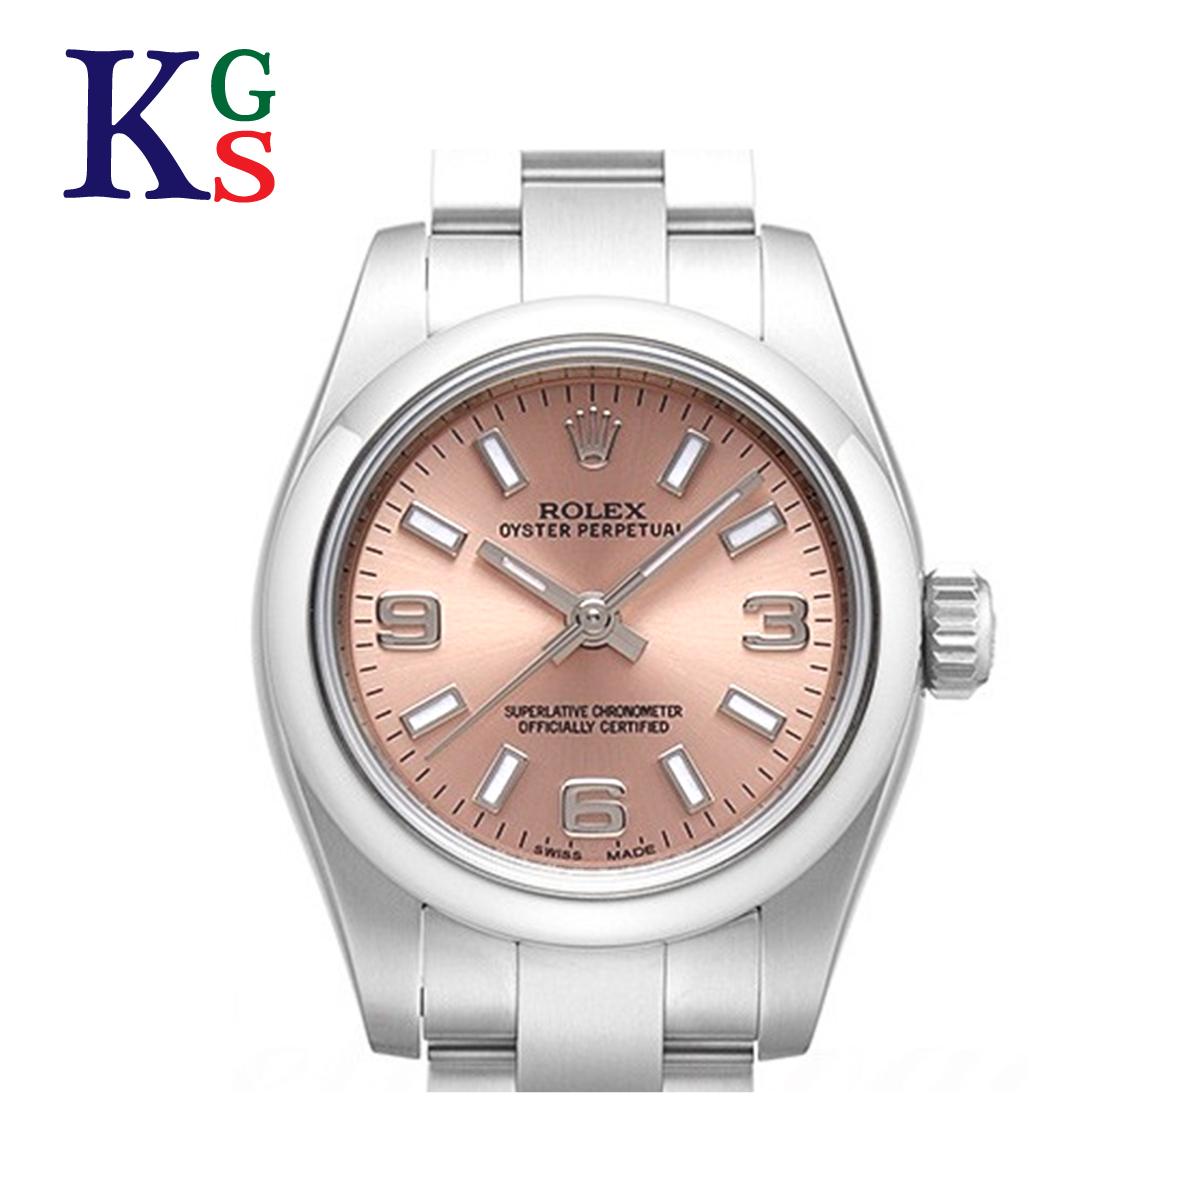 【ギフト品質】ロレックス ROLEX オイスターパーペチュアル ピンク文字盤 レディース 腕時計 ルーレット刻印 自動巻き 176200